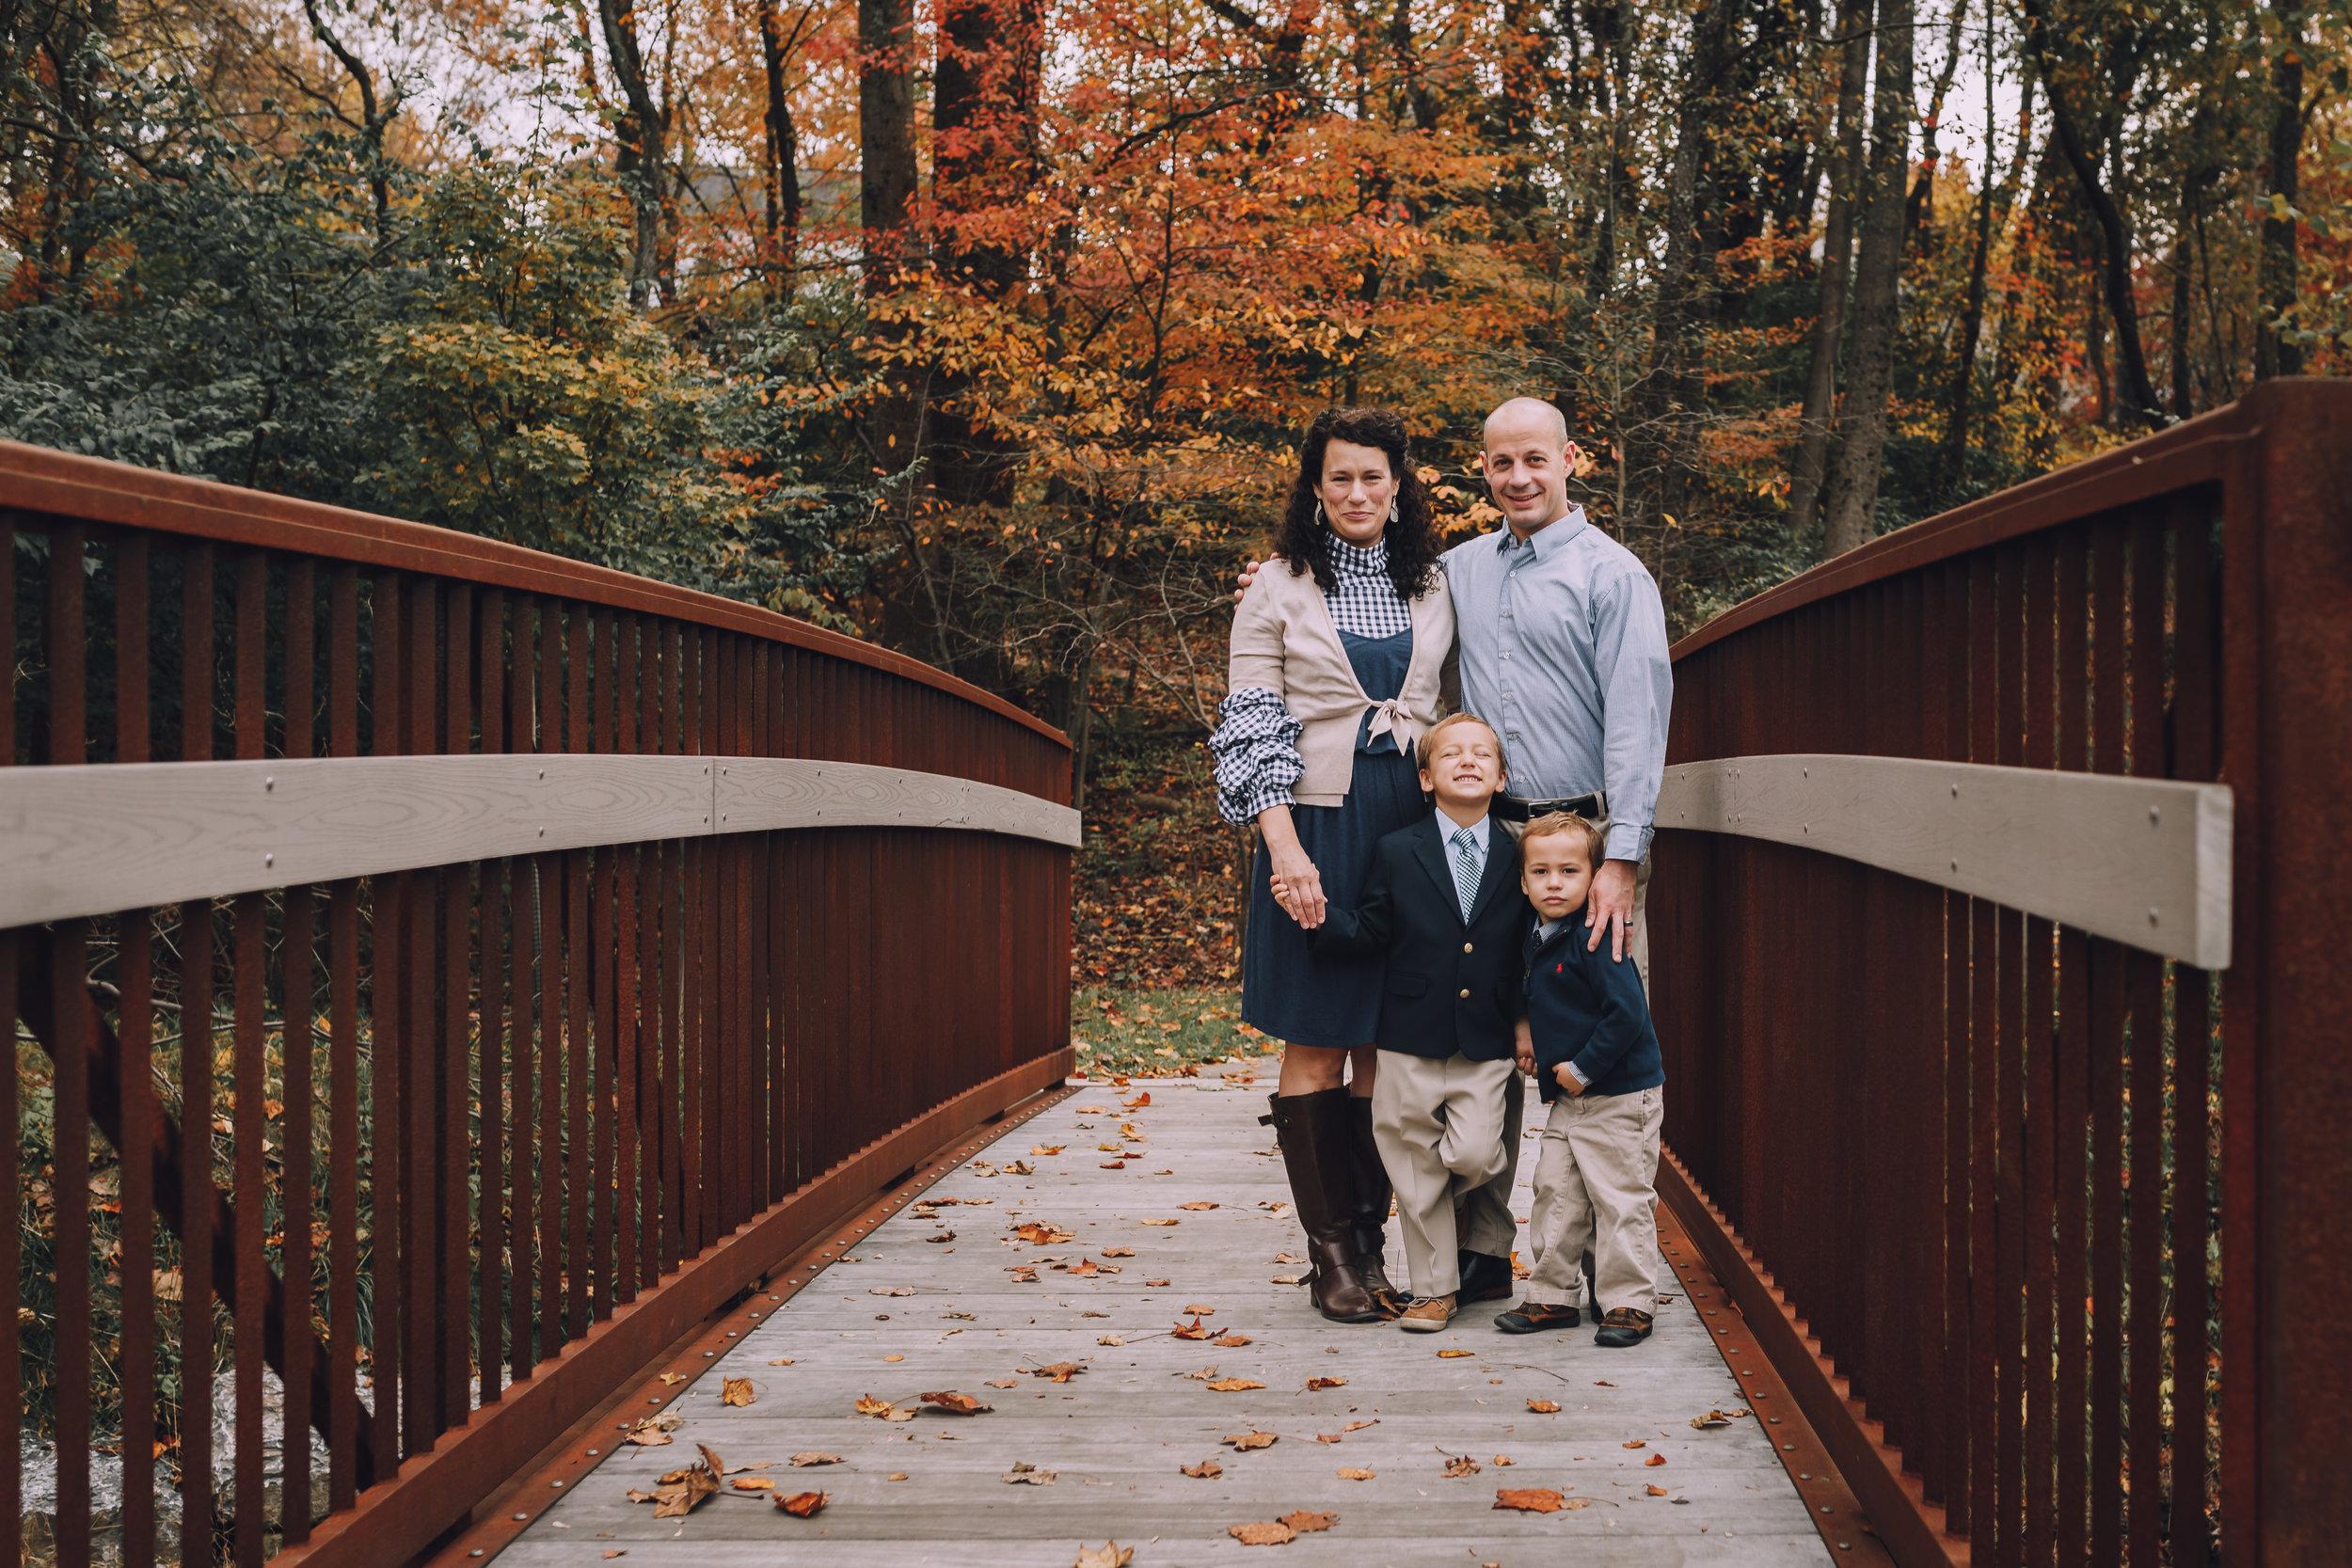 Family_Photographer_Rockville_Maryland01.jpg